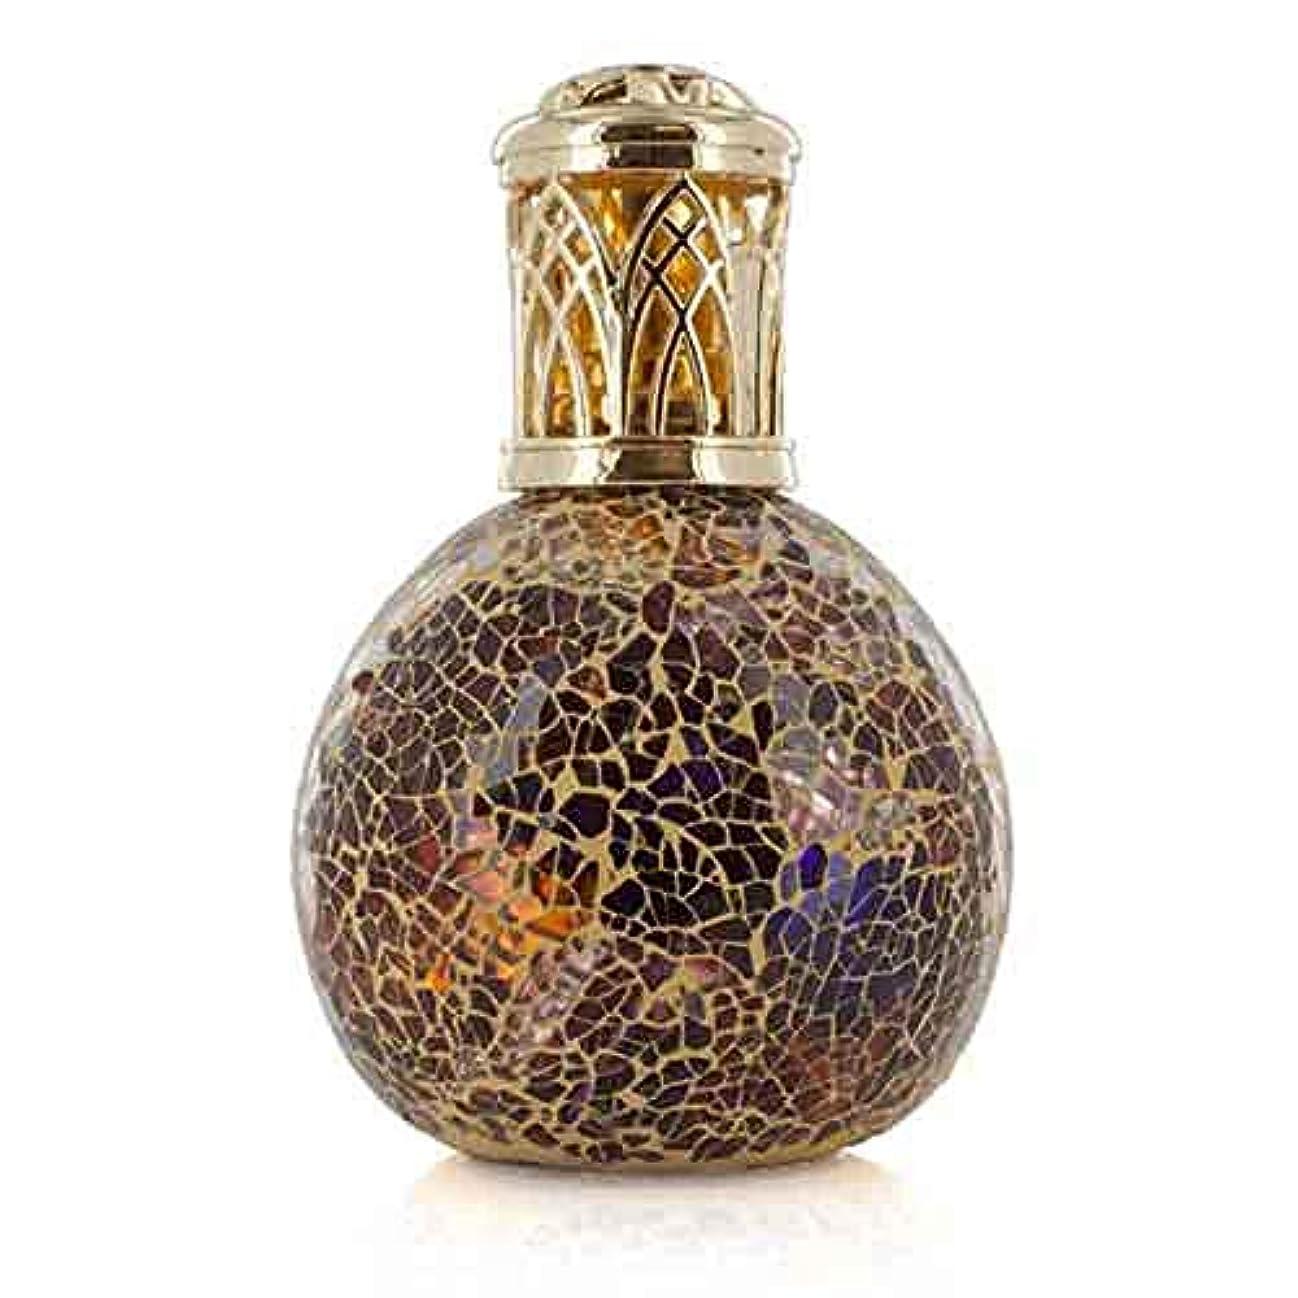 なので忘れる到着アシュレイ&バーウッド(Ashleigh&Burwood) Ashleigh&Burwood フレグランスランプ L エジプティアンサンセット FragranceLamps EgiptianSunset アシュレイ&バーウッド 100×100×150㎜/1個